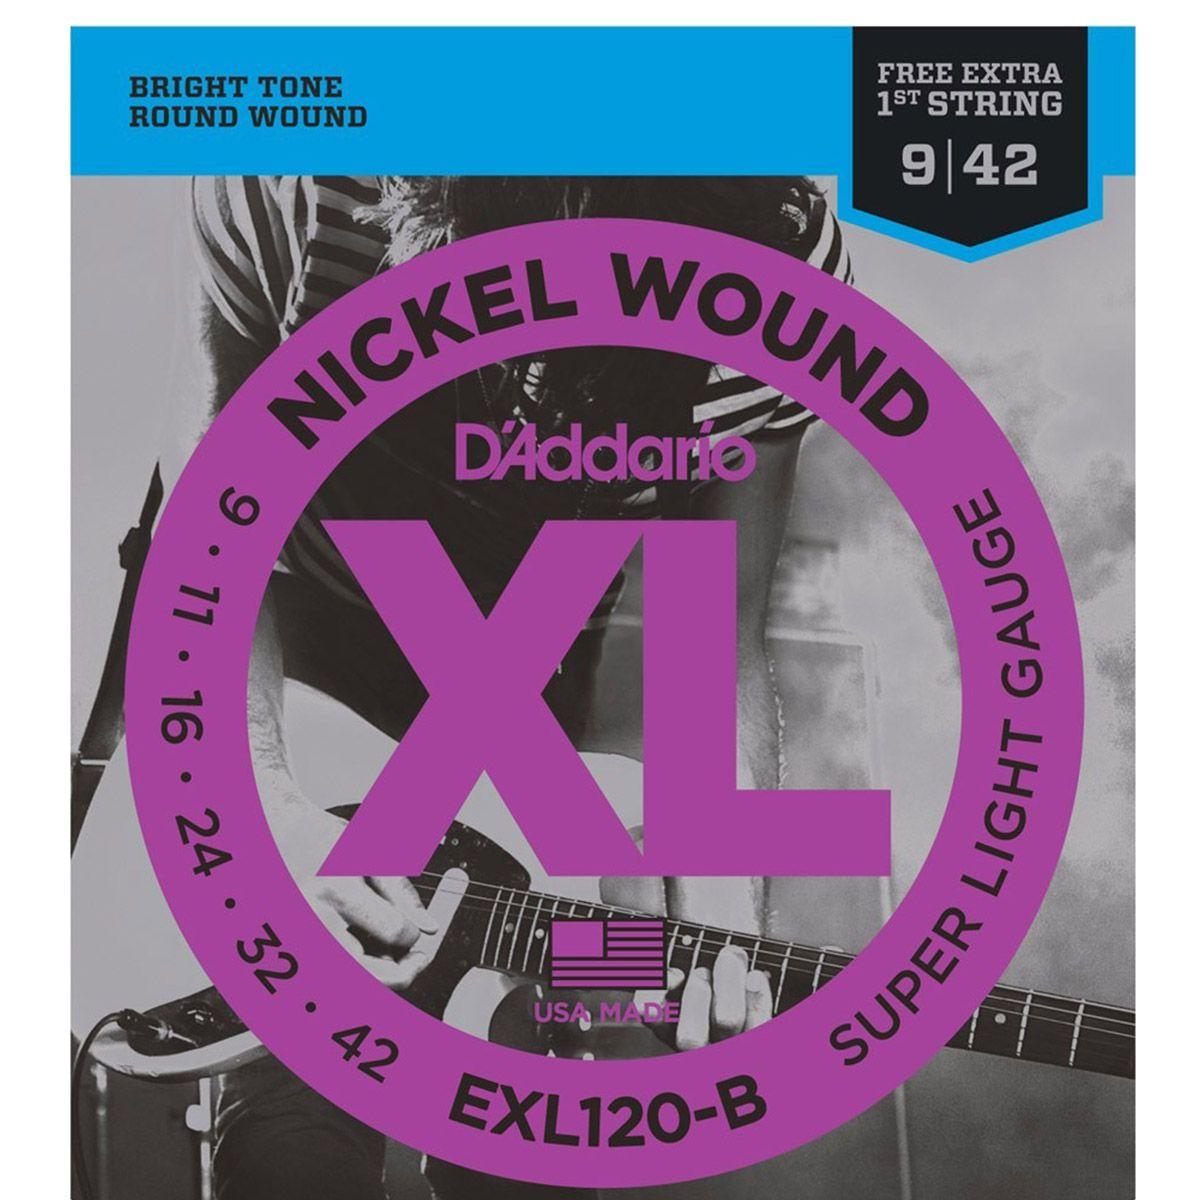 Encordoamento D'addario EXL120B PL009 .09/.042 para Guitarra